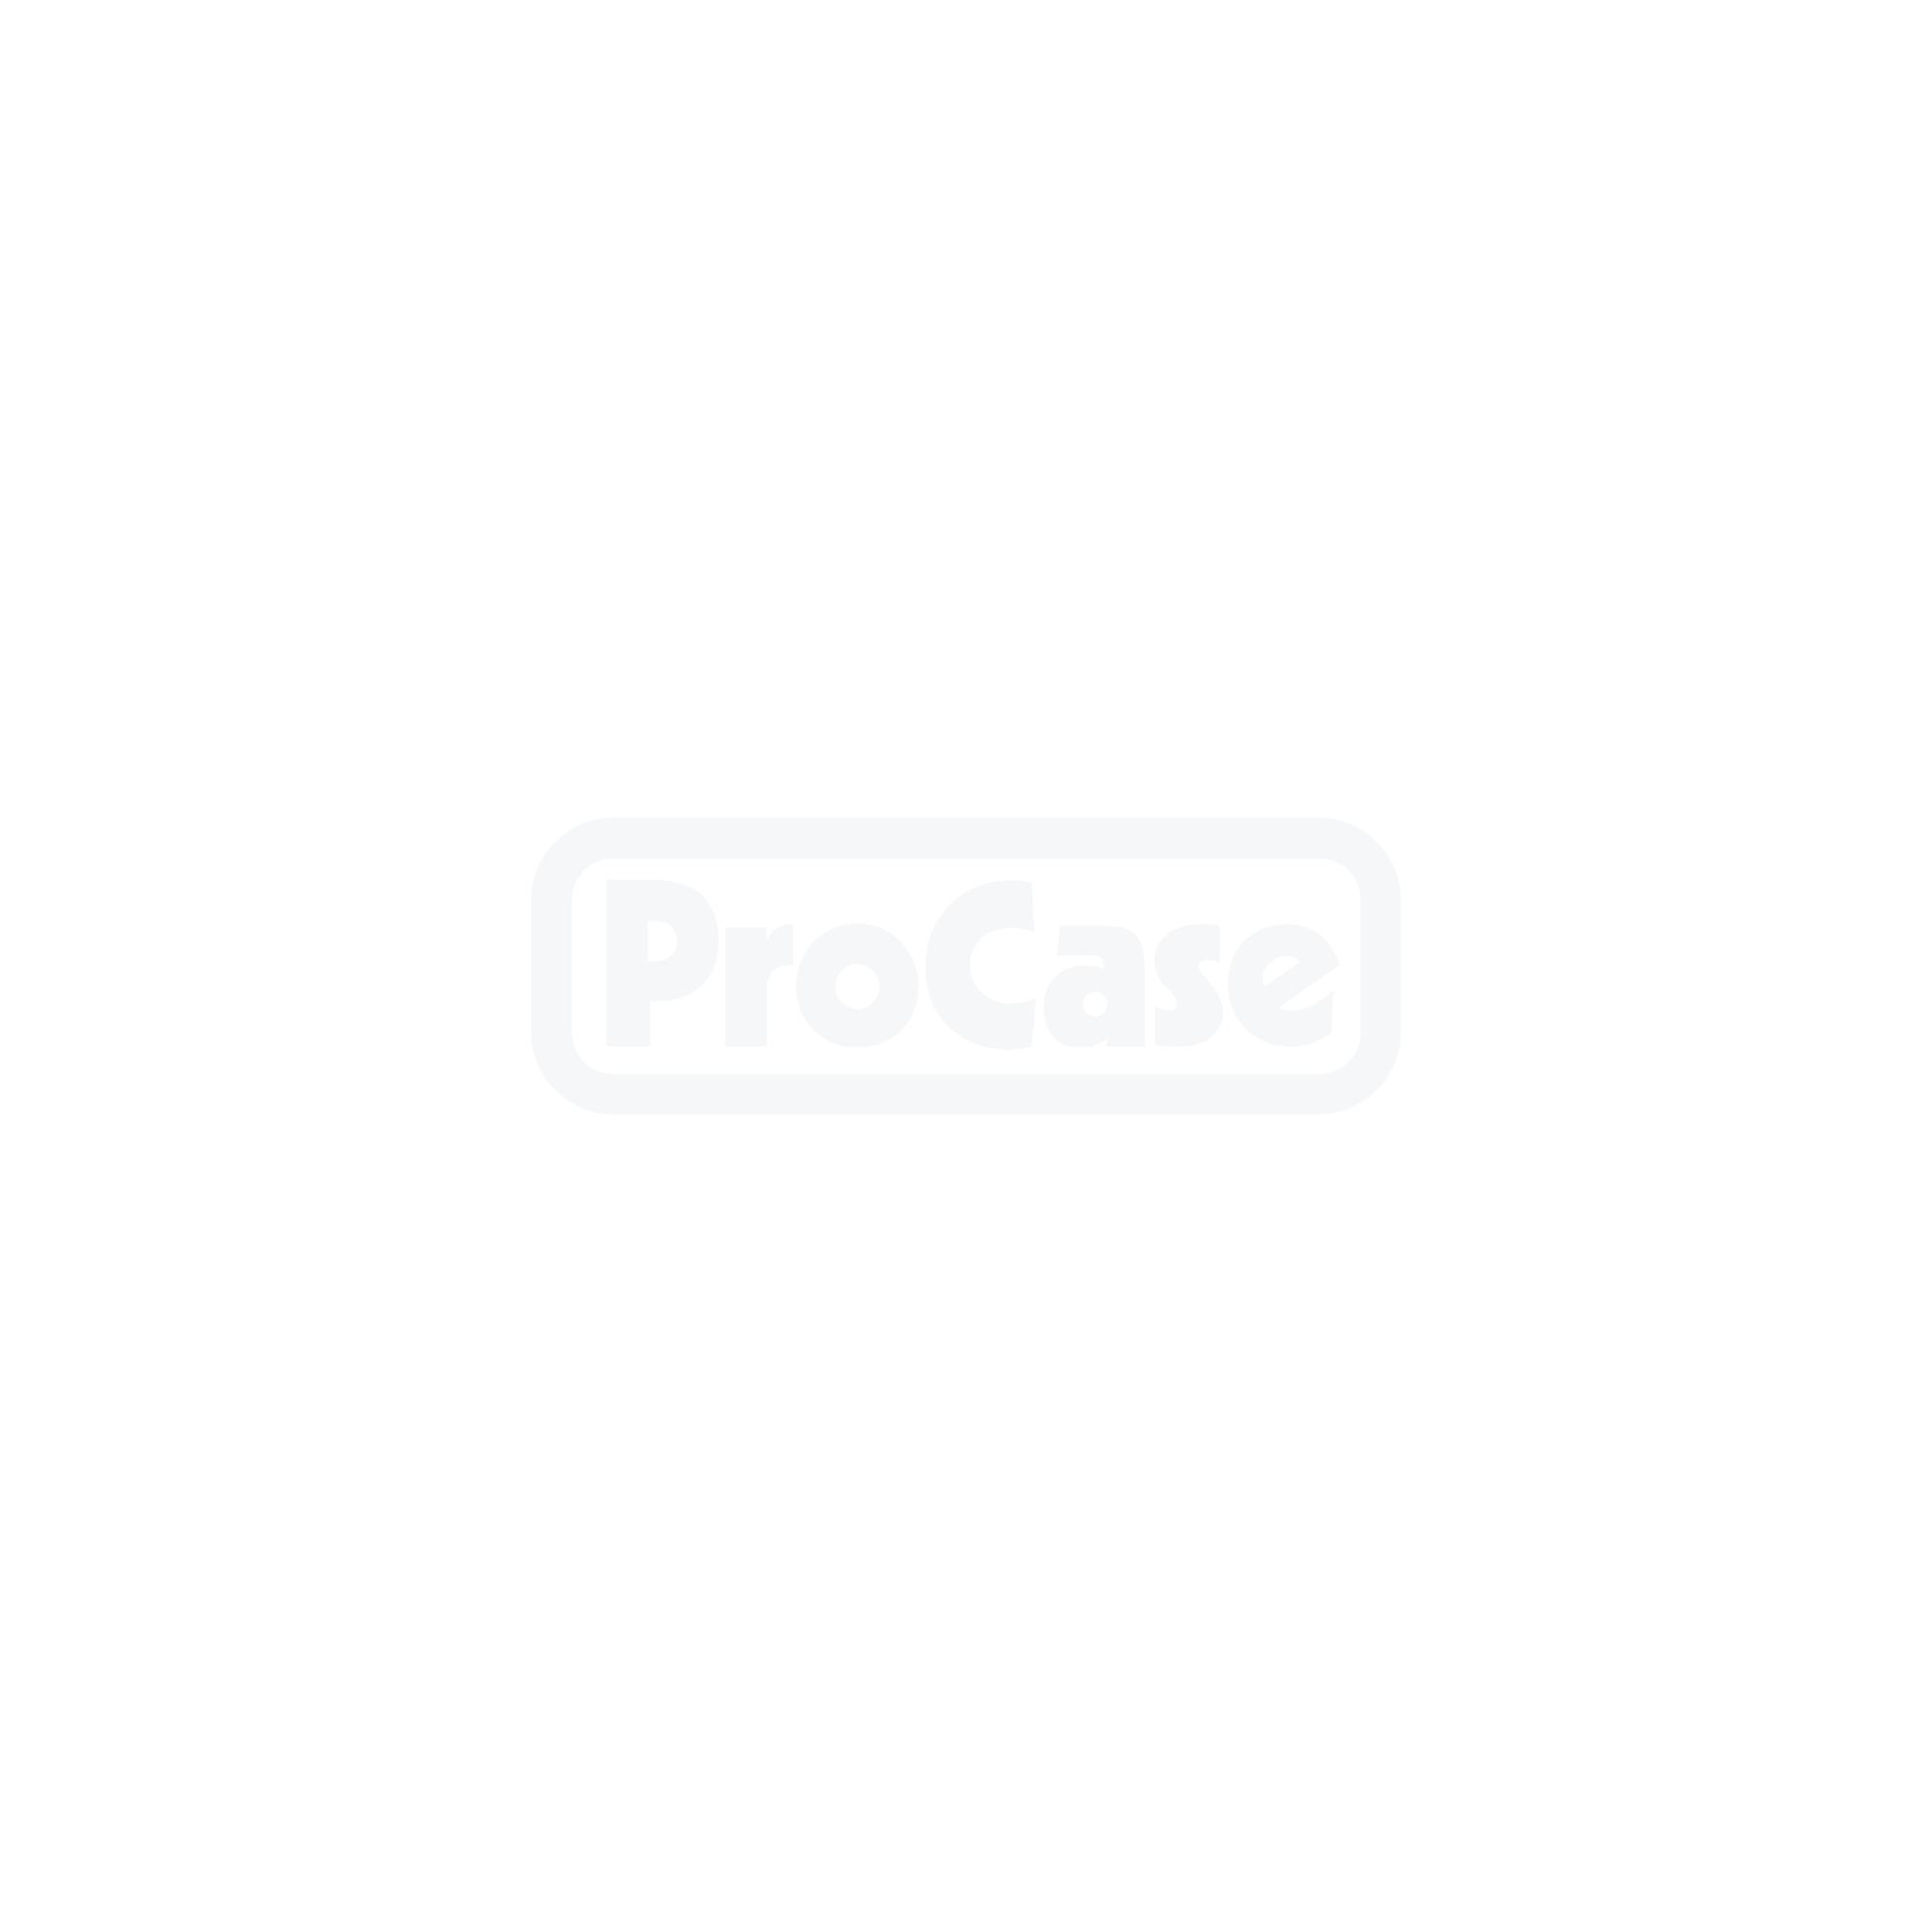 Flighcase für 4x d&b T10 Lautsprecher